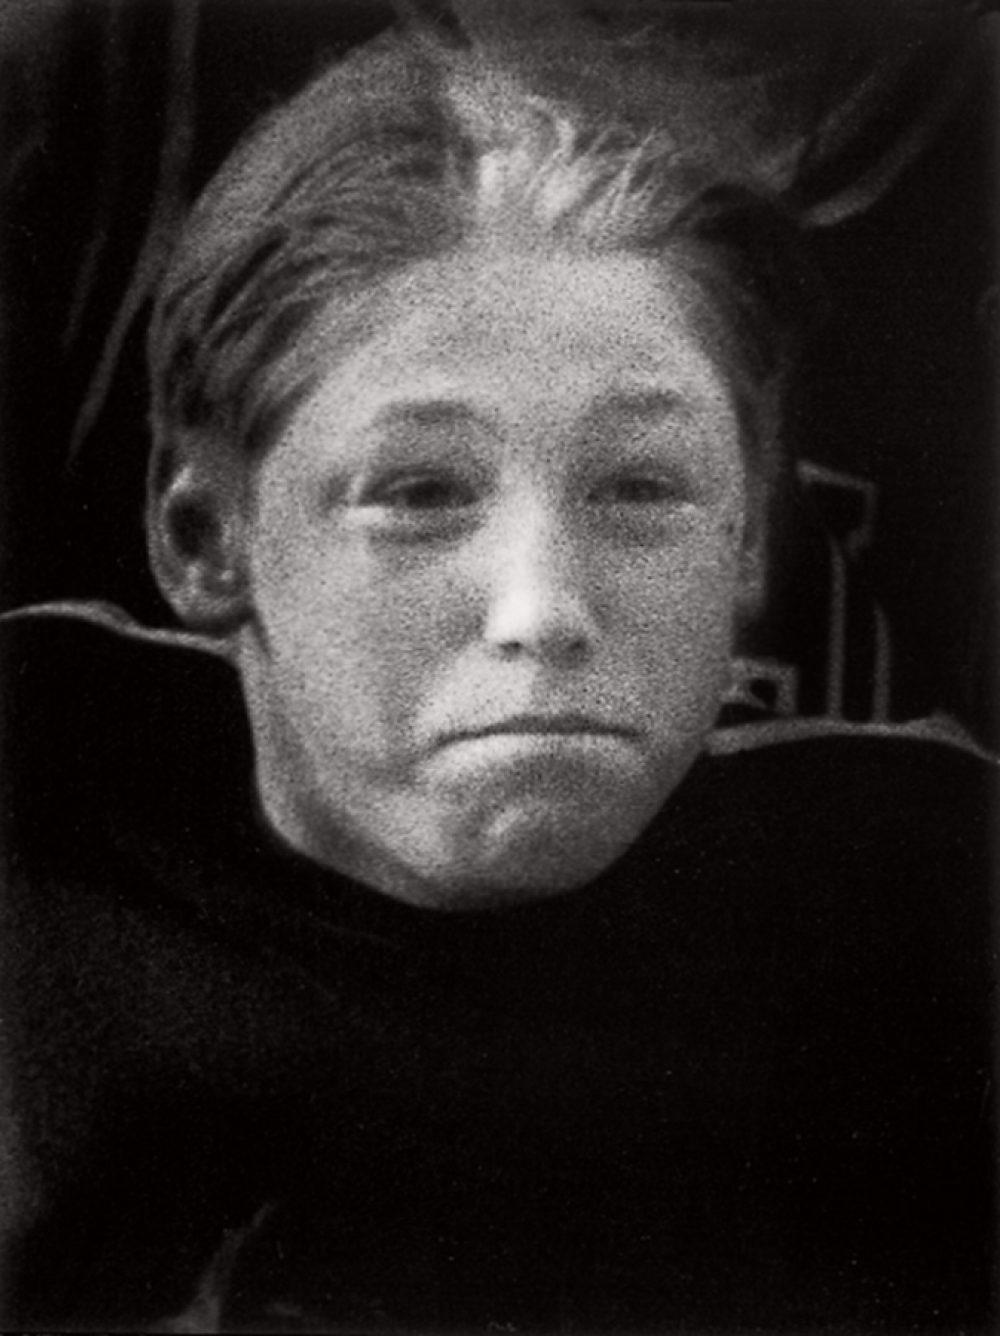 Thomas Wrede, Magic Feelings Nr. 21 (1997), silver gelatine print, 11,5 x 8,5 cm (framed: 43 x 35 cm)